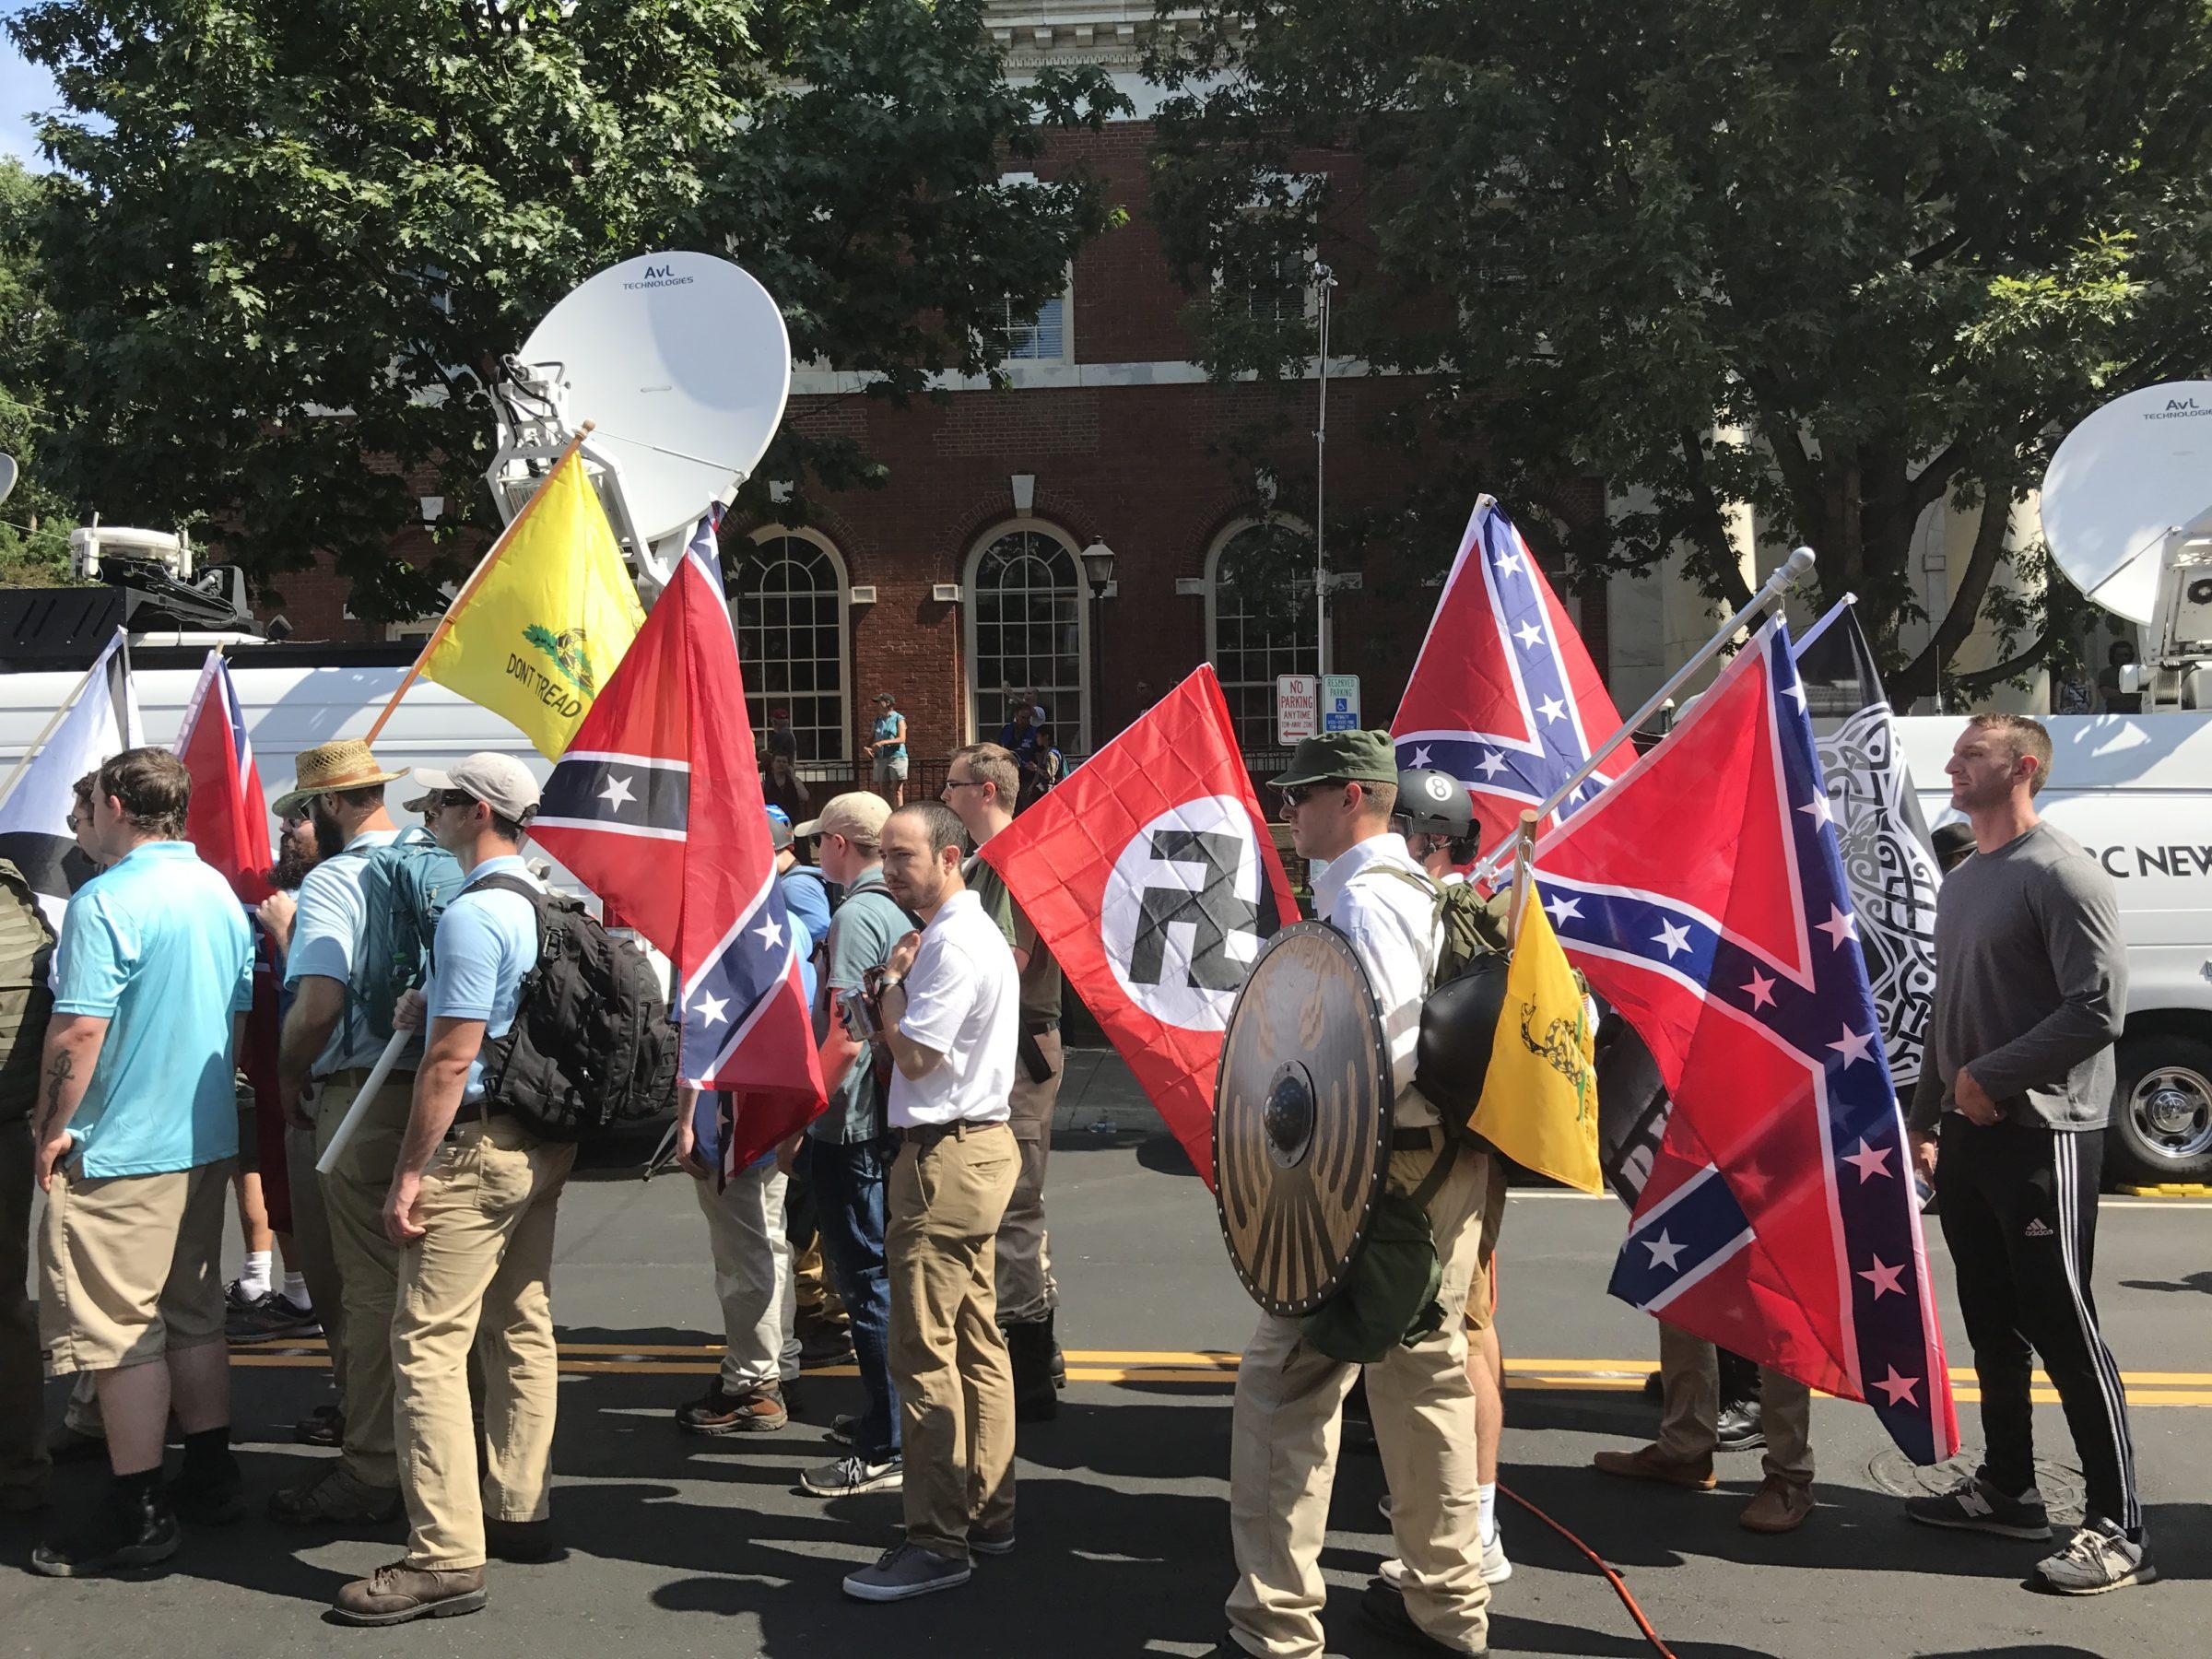 neo nazi far right